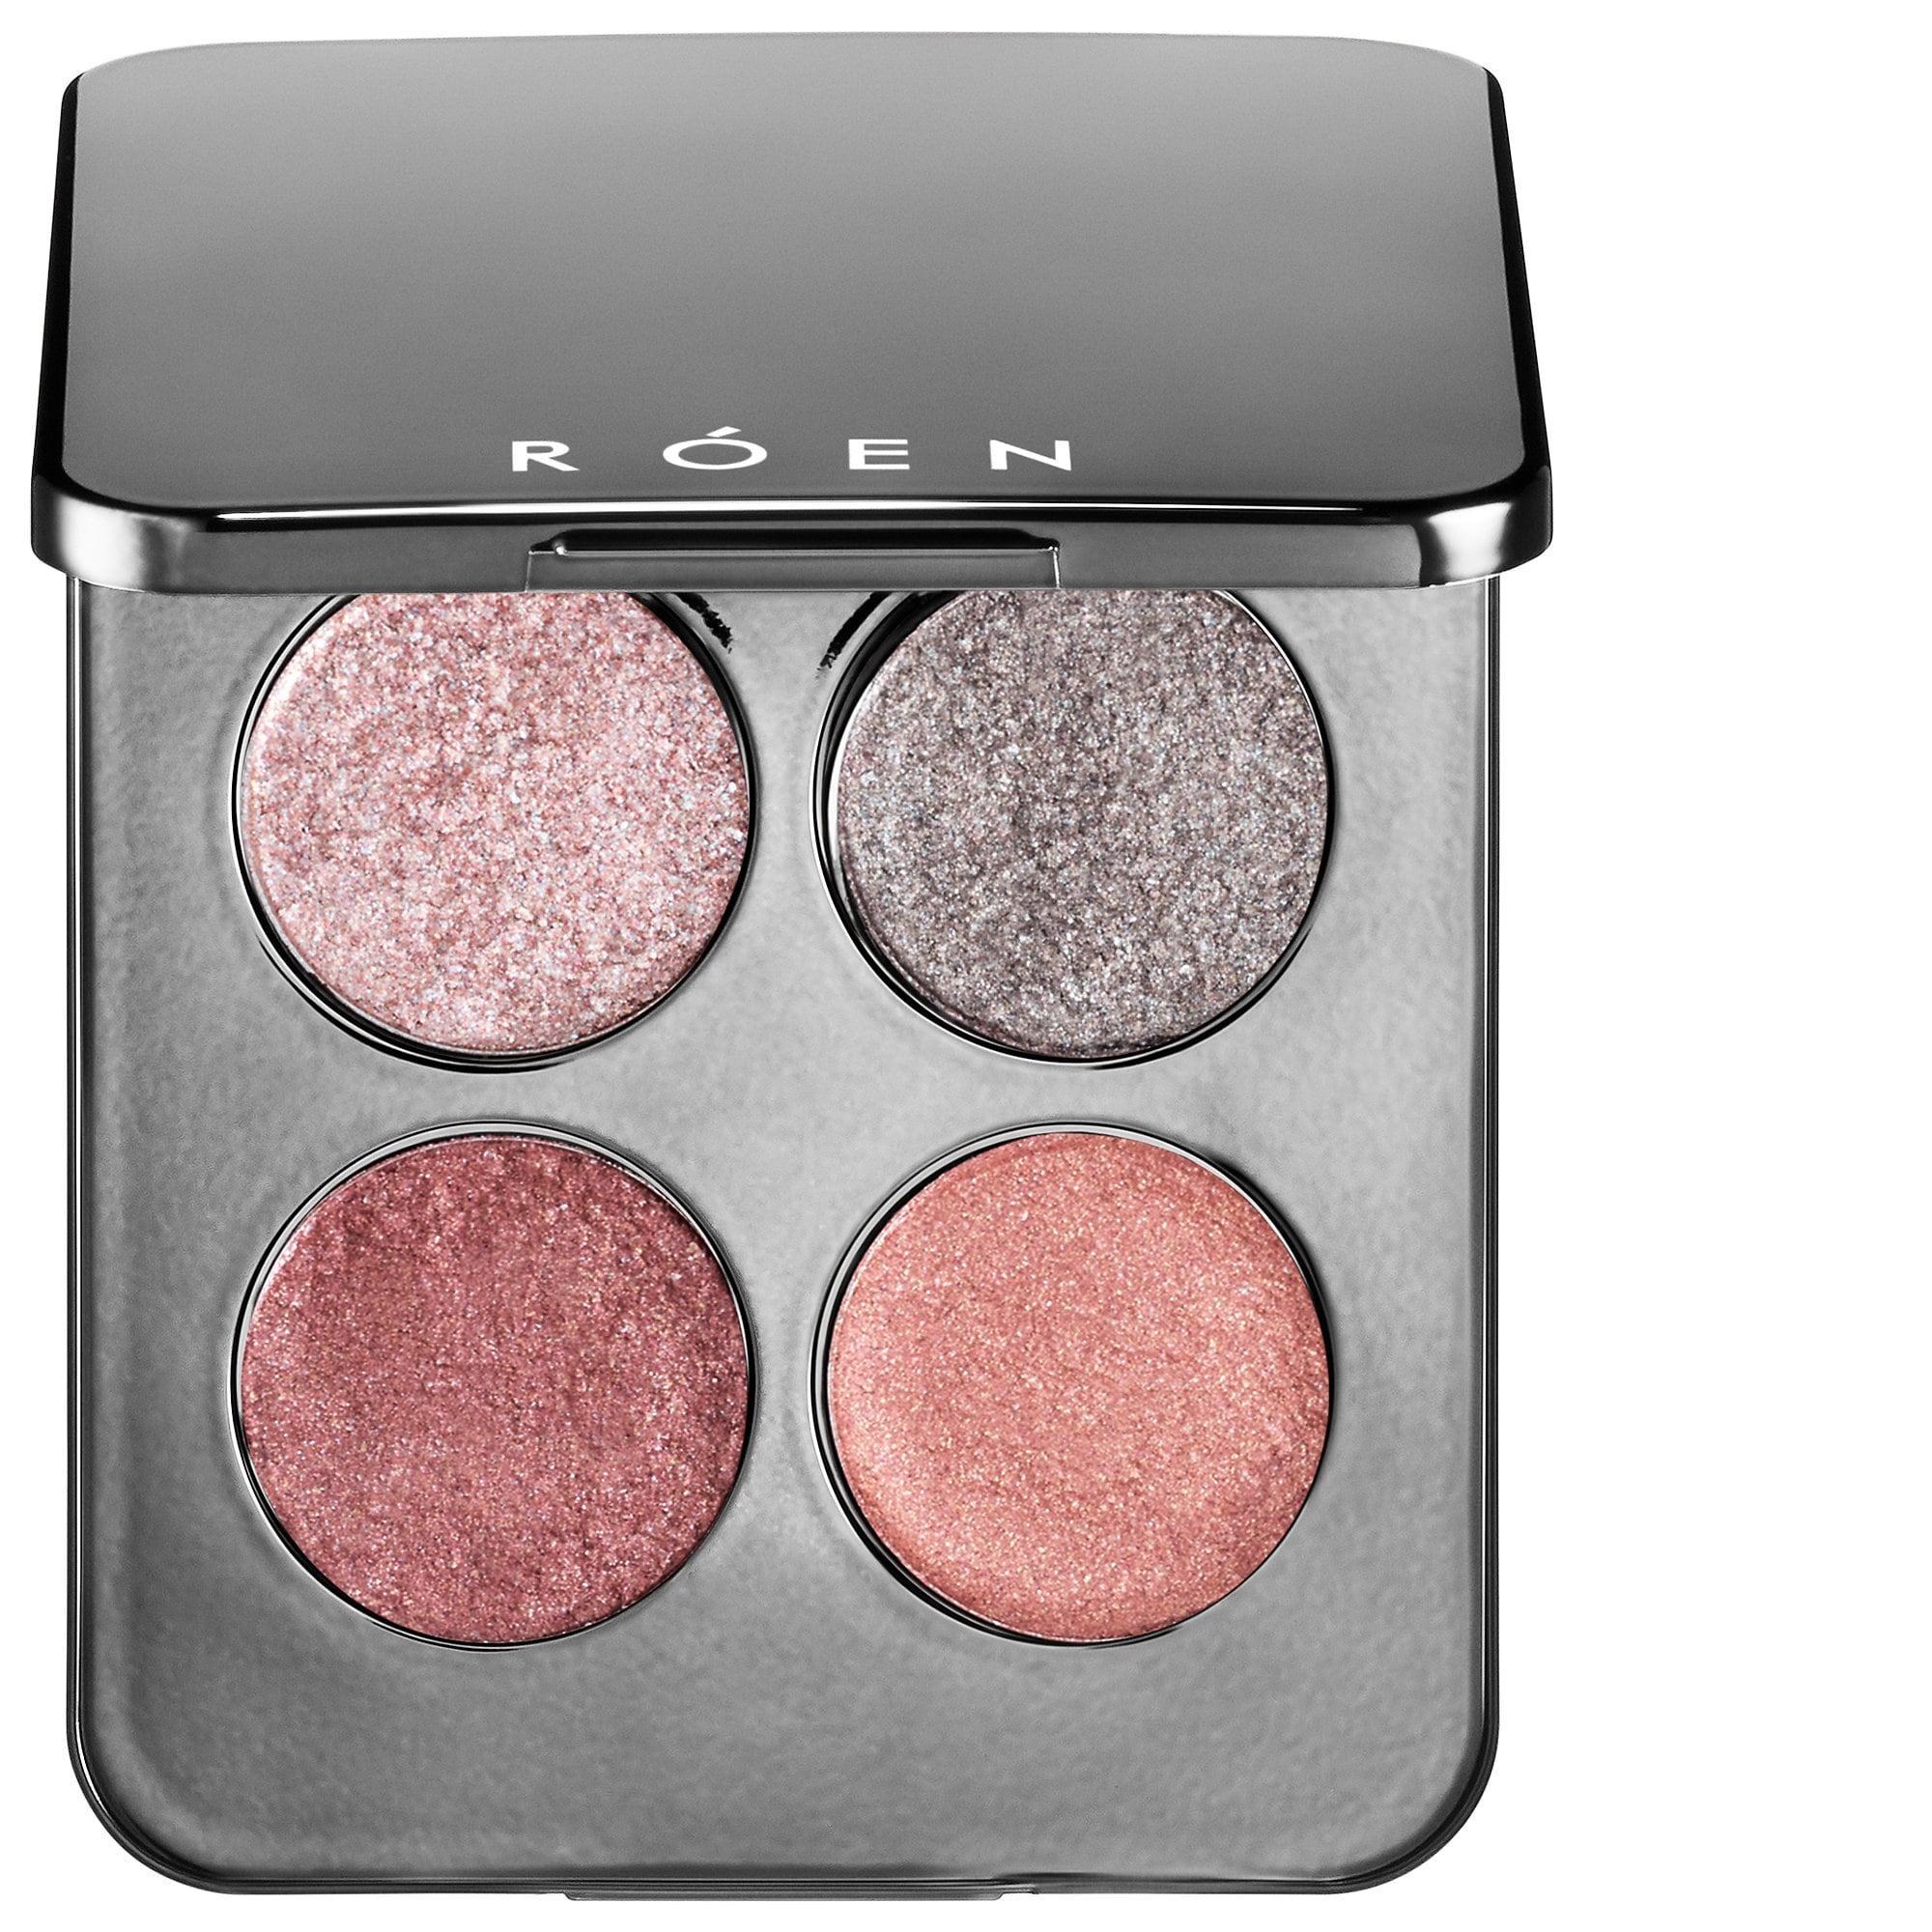 Roen Beauty - 11:11 Eyeshadow Palette